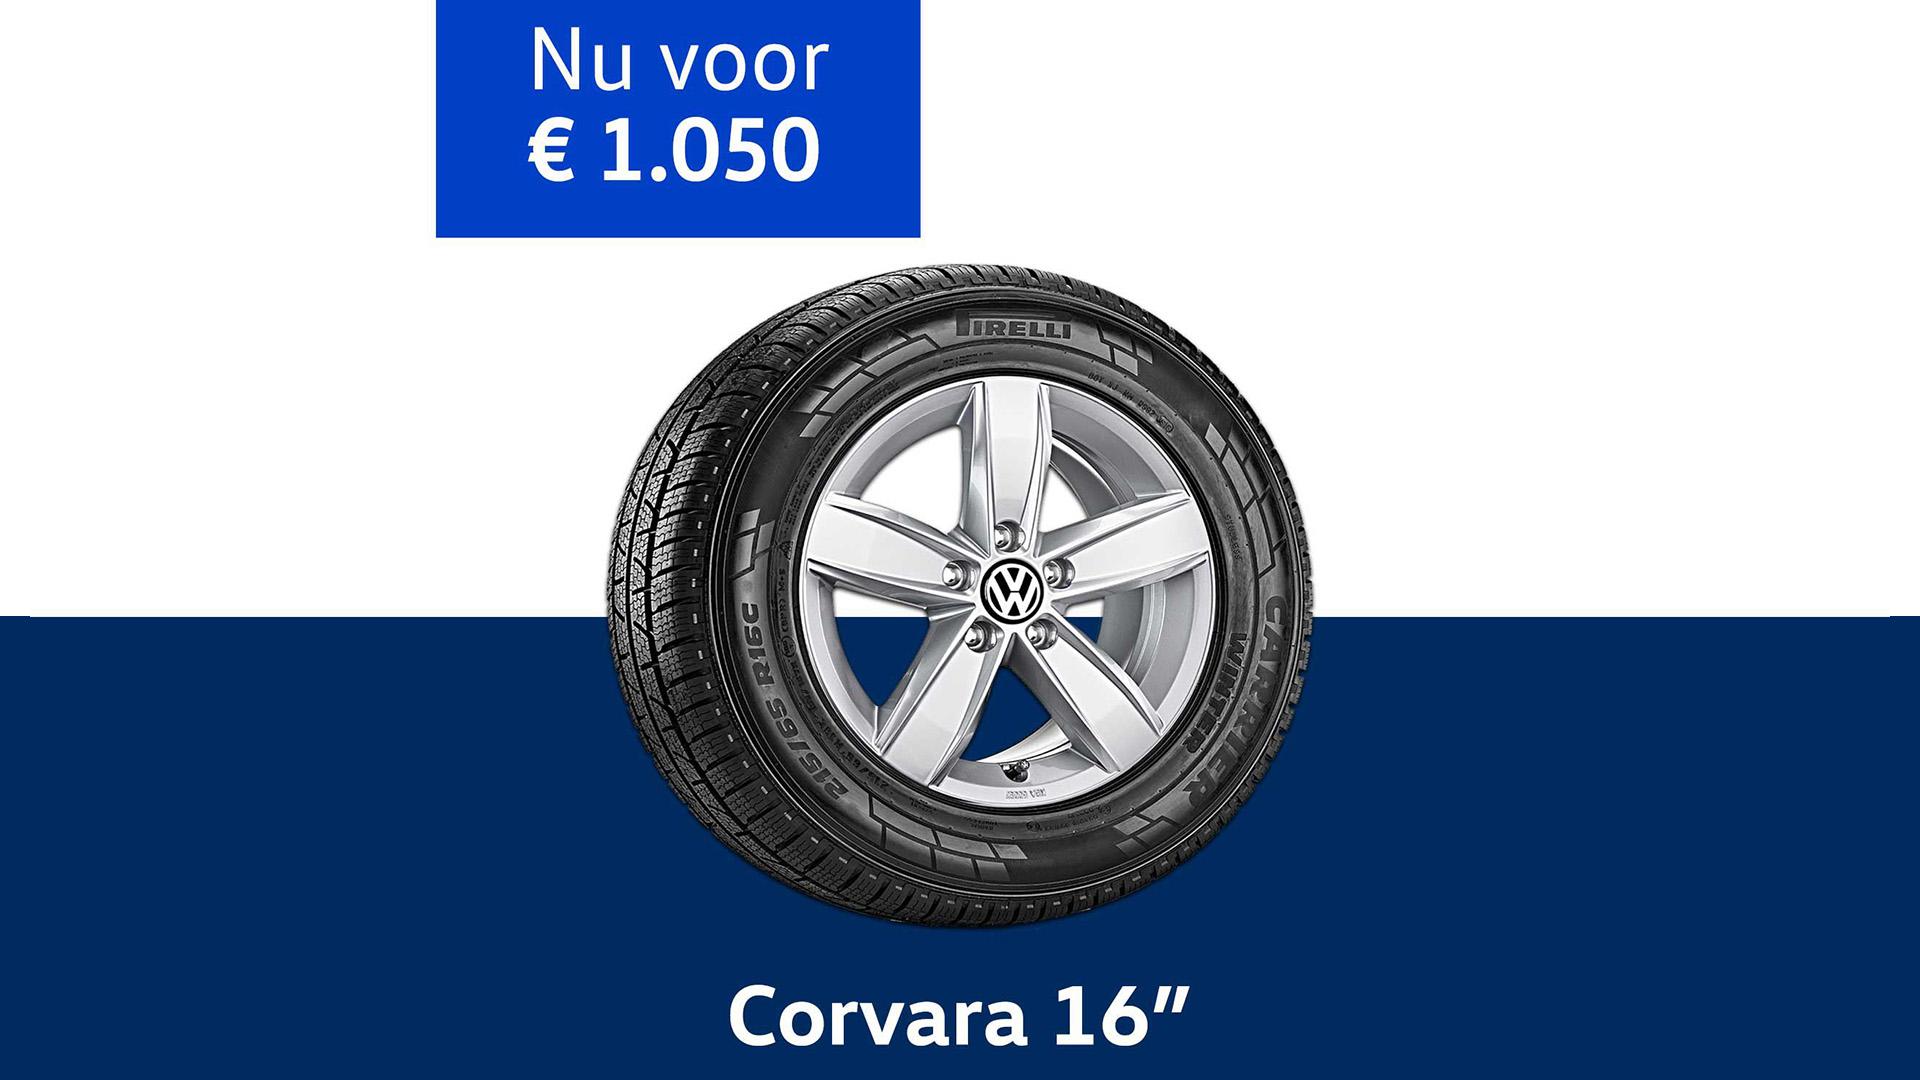 Volkswagen_Bedrijfwagens_Voor_Mekaar_Deals_-_Accessoires_-_Lichtemetalen_wintersets_Transporter.jpg